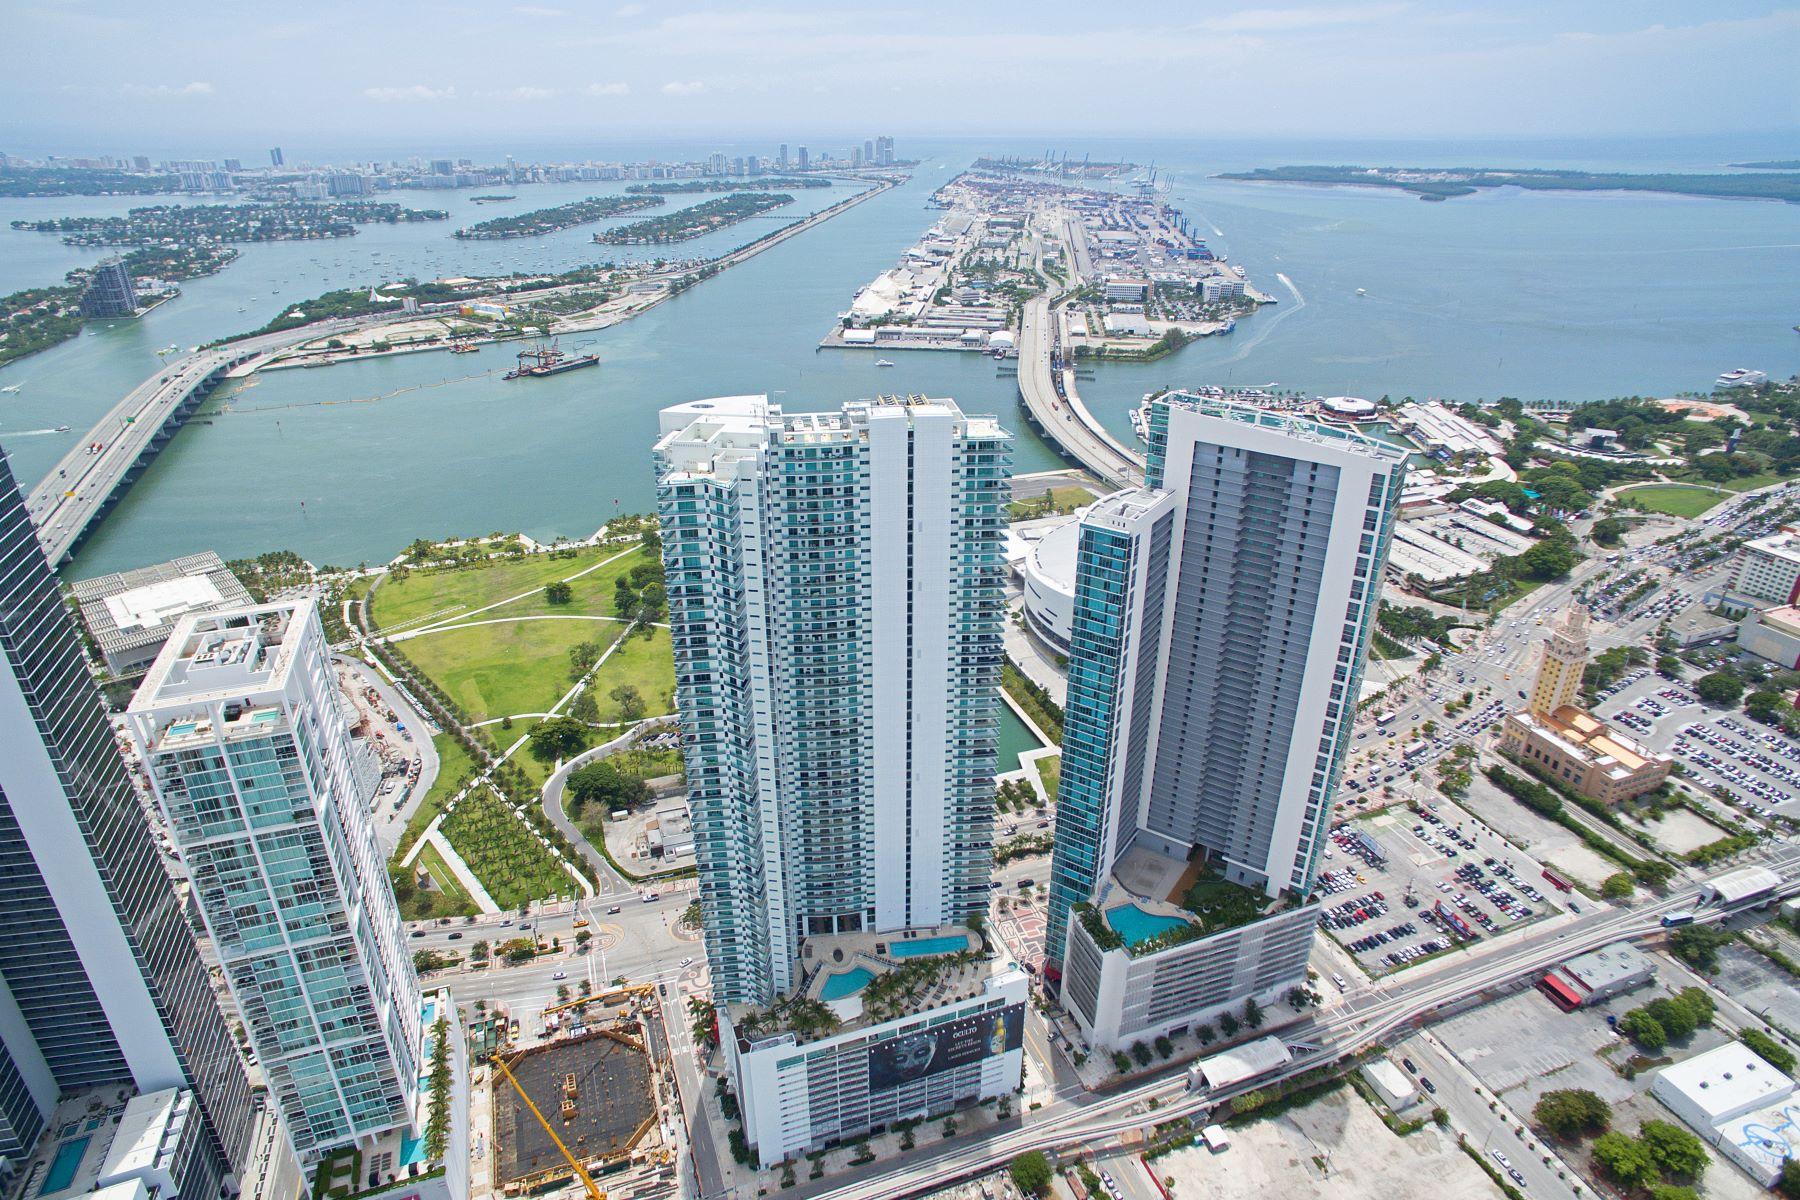 شقة بعمارة للـ Sale في 900 Biscayne Blvd 900 Biscayne Blvd 4701, Miami, Florida, 33132 United States